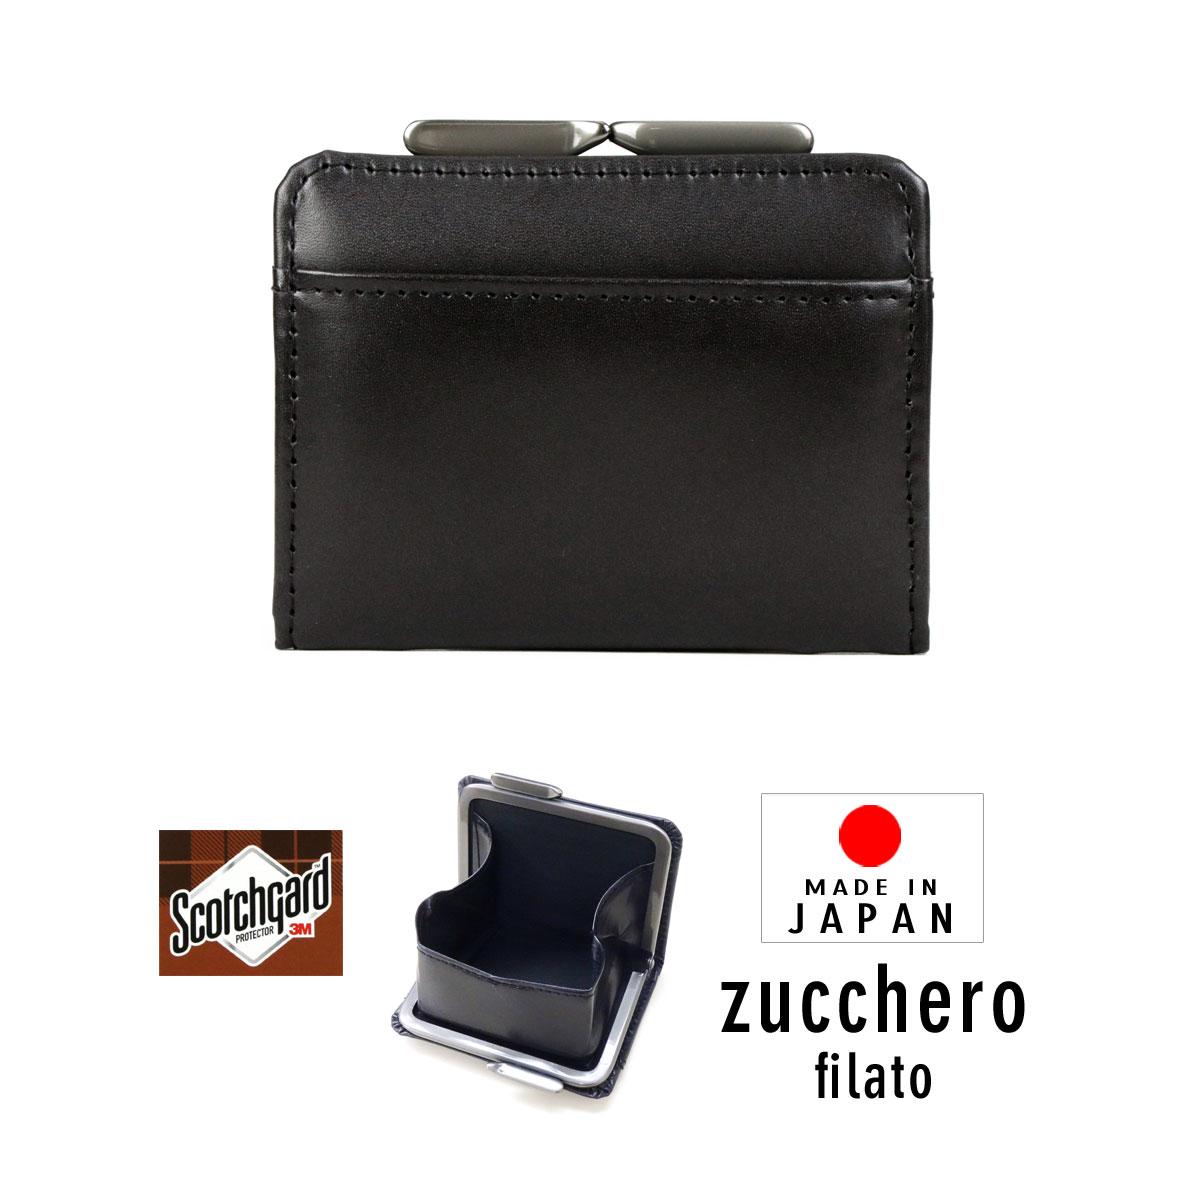 コインケース 小銭入れ 極小財布 ミニウォレット スコッチガード加工 ステアレザー 牛革 本革  Zucchero filato ズッケロフィラート